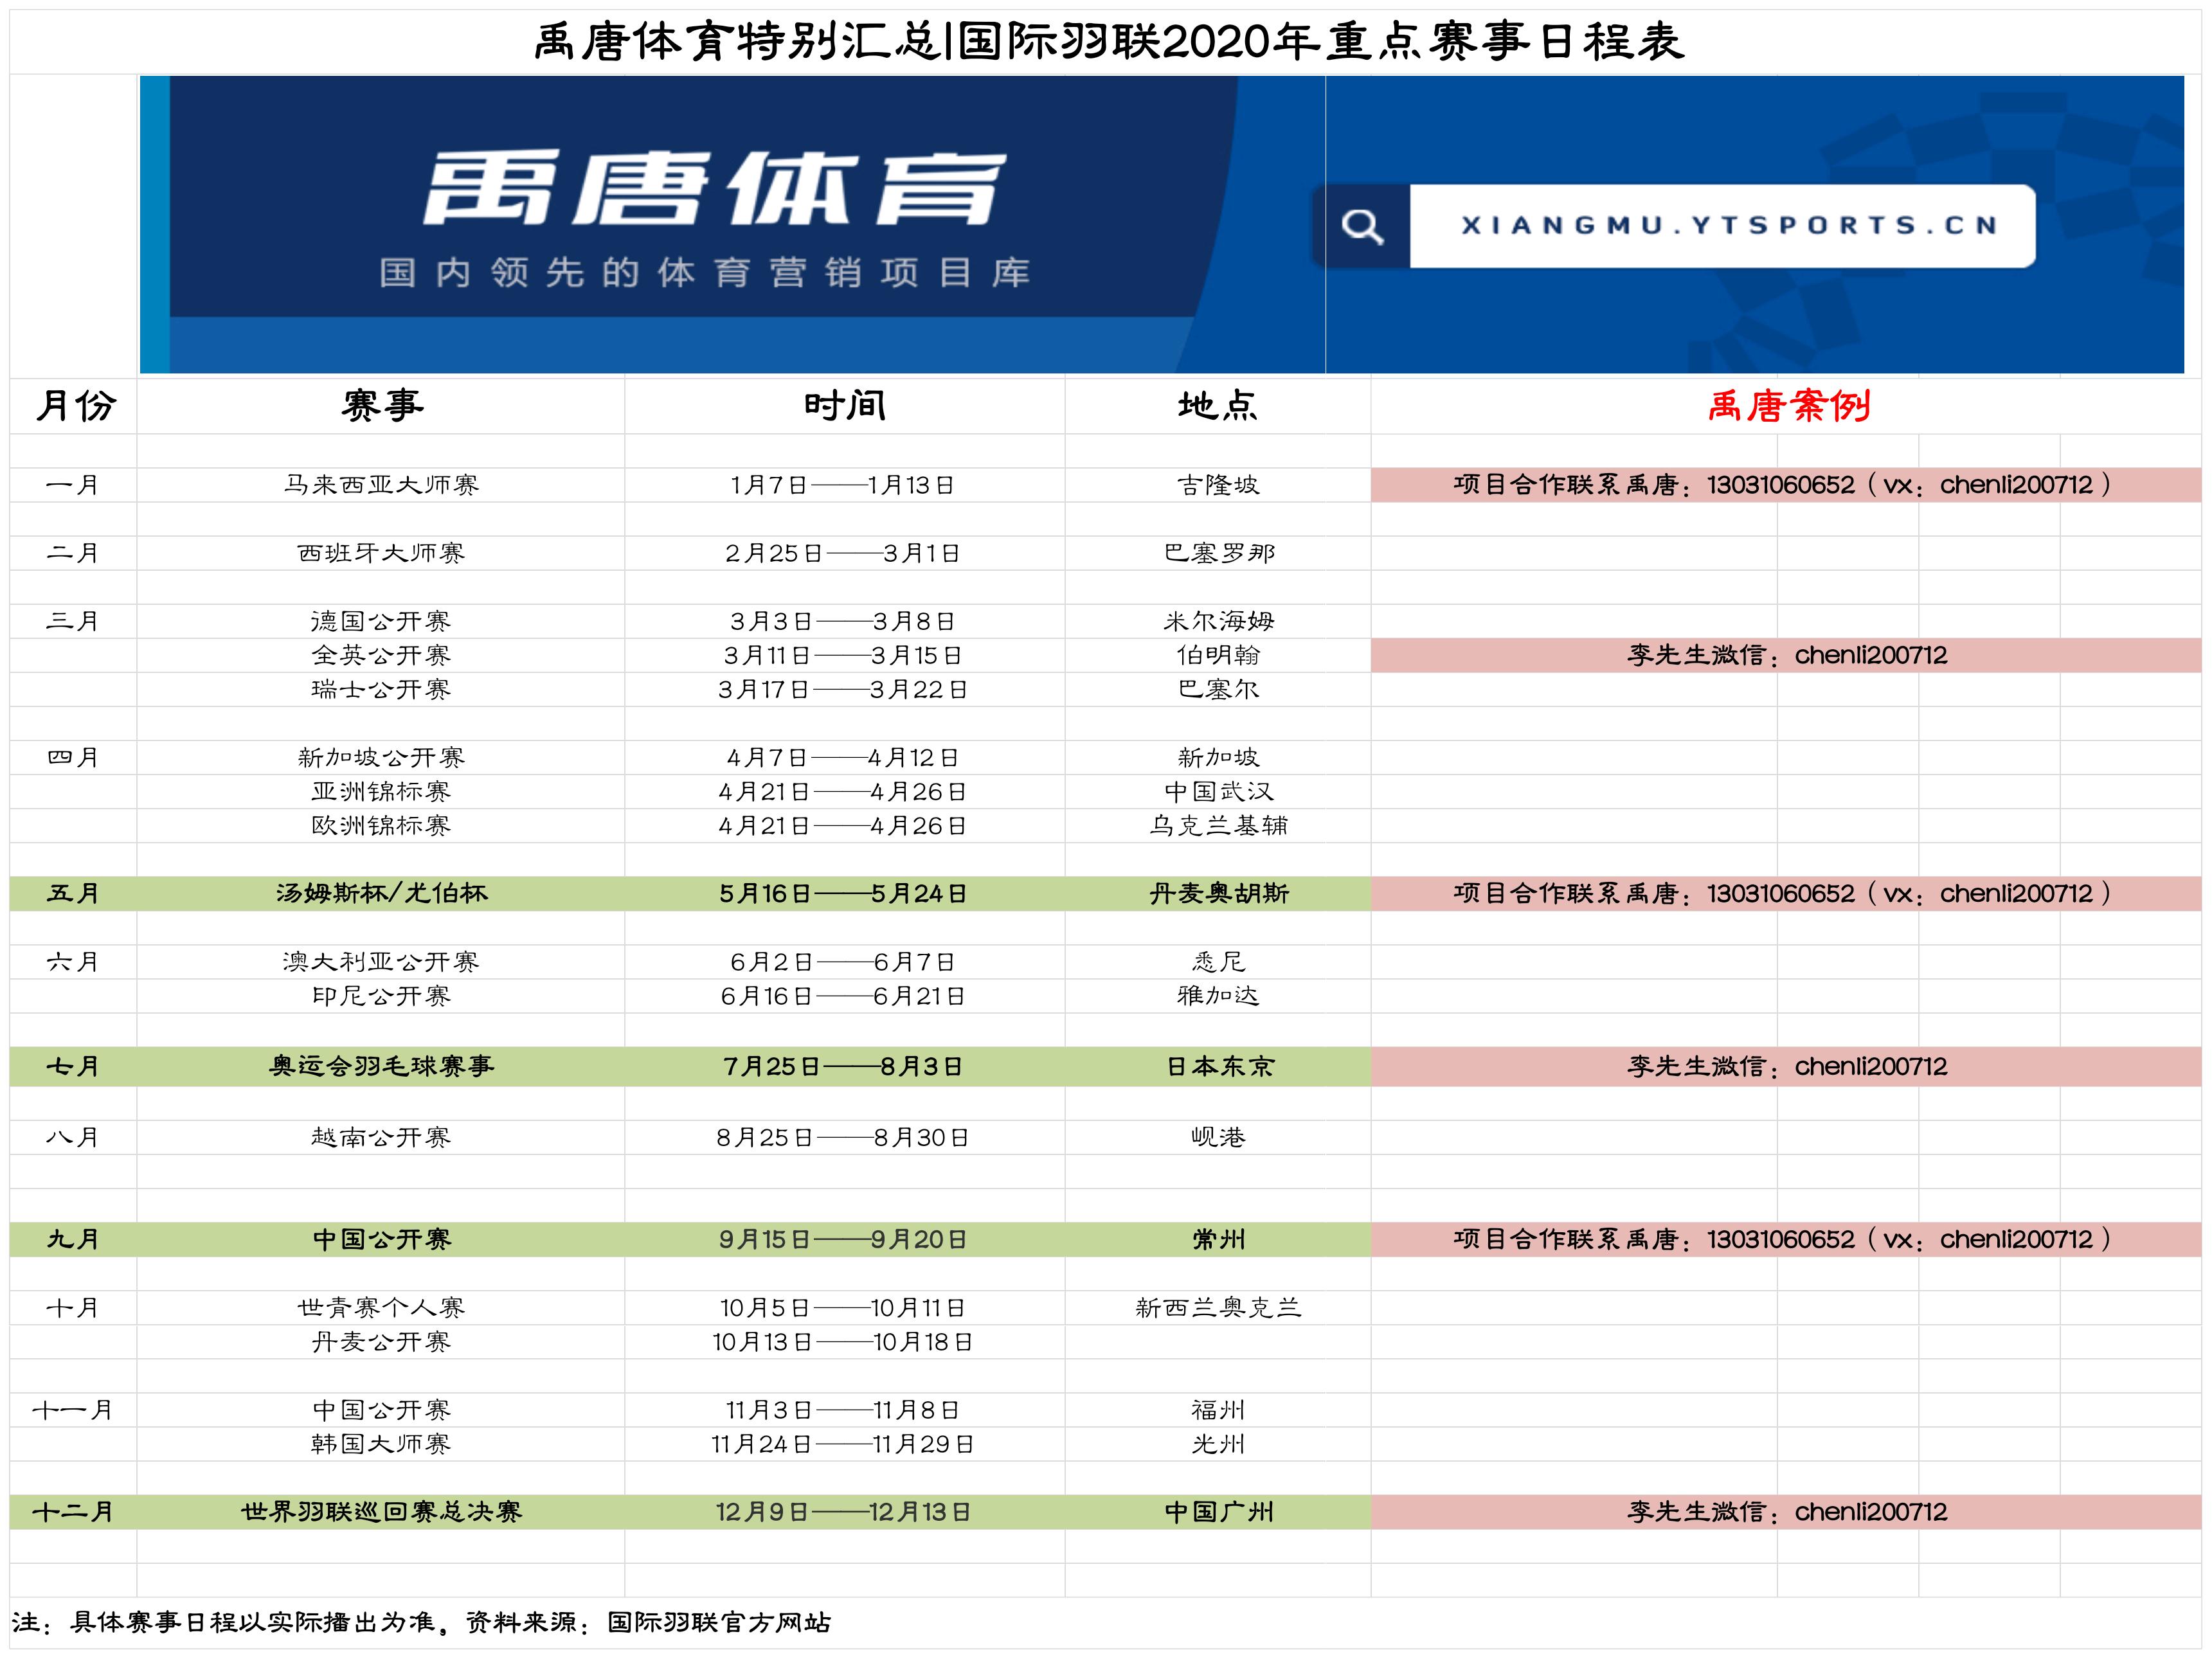 禹唐体育特别汇总|国际羽联2020年重点赛事日程表